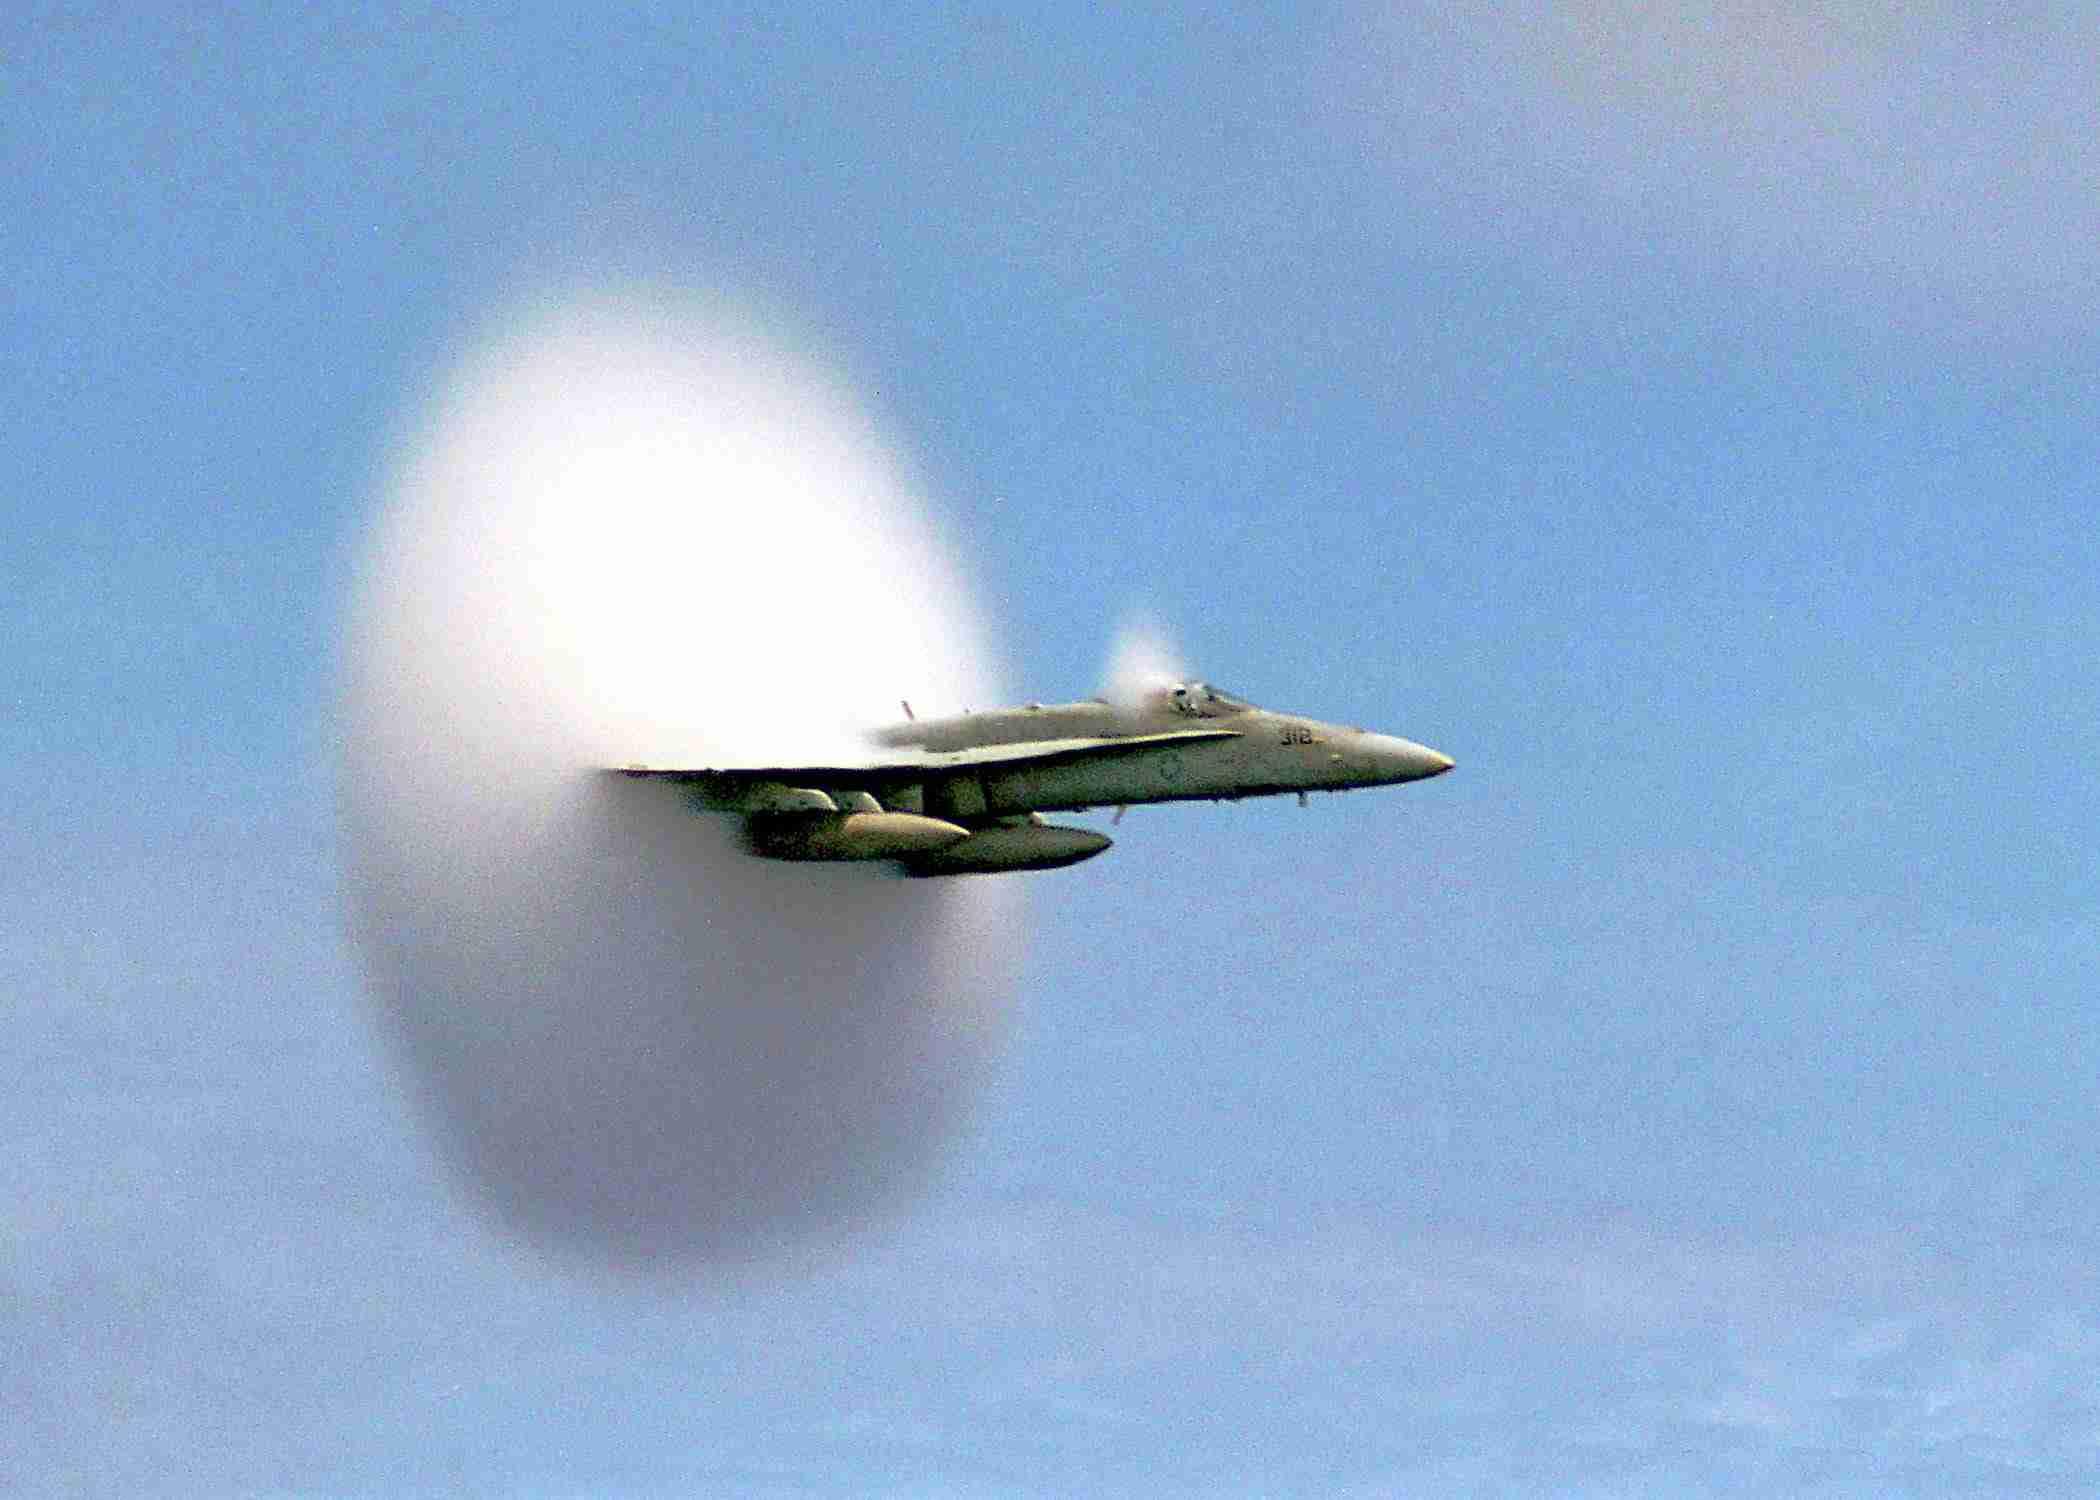 speed loan finance hornet plane breaking sound barrier